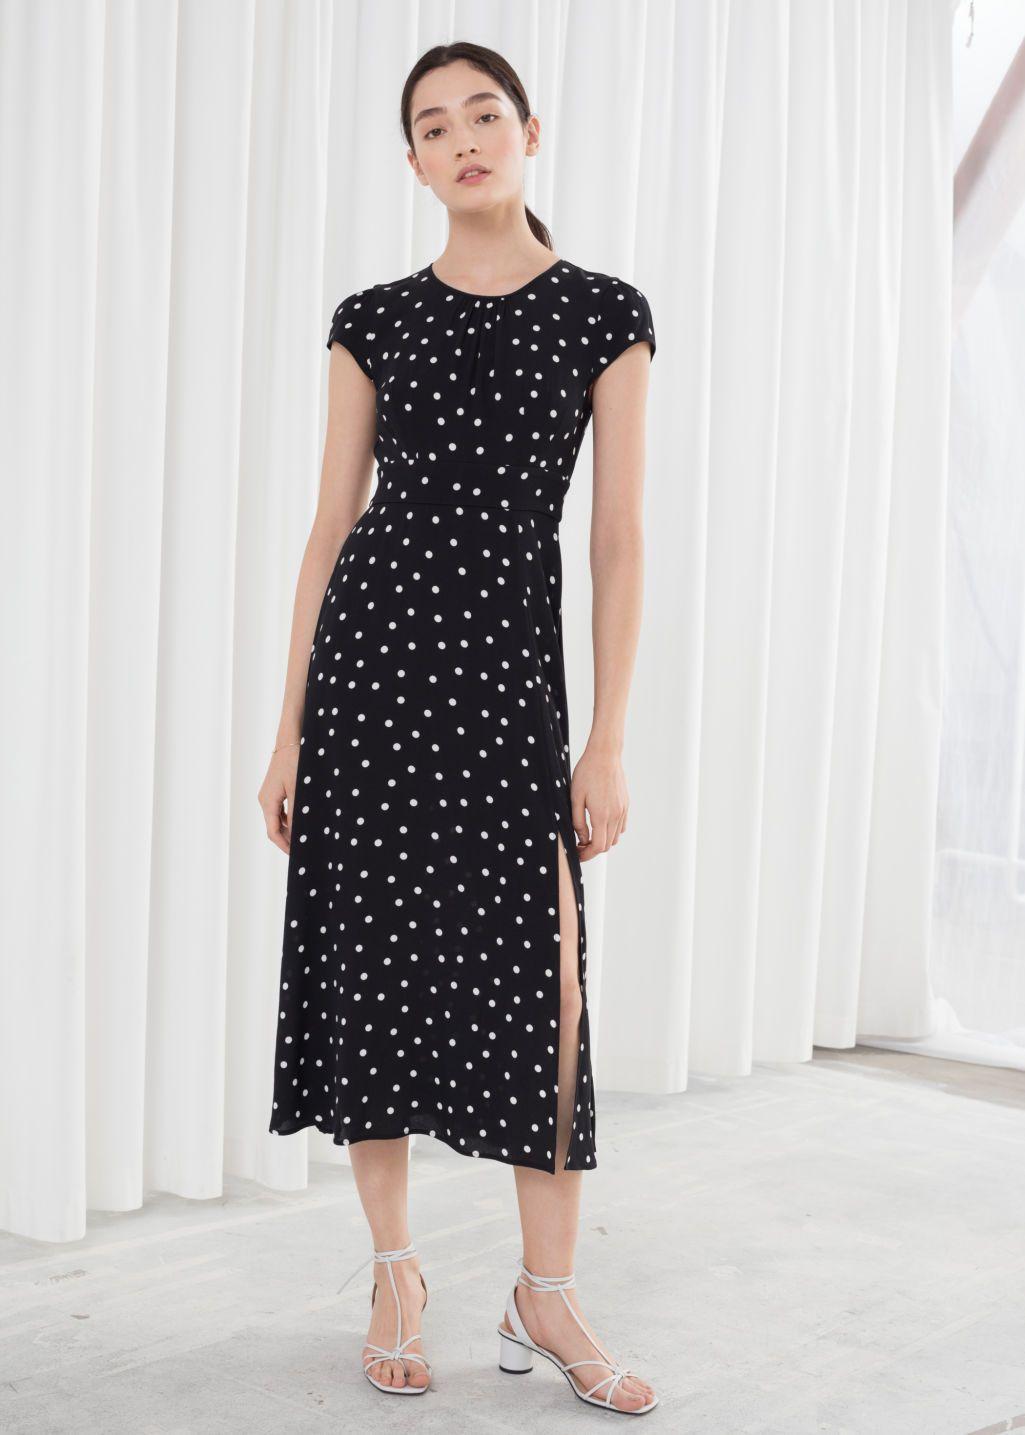 Polka Dot Midi Dress Black Midi Dresses Other Stories Midi Dress Winter Dress Outfits Floral Midi Dress